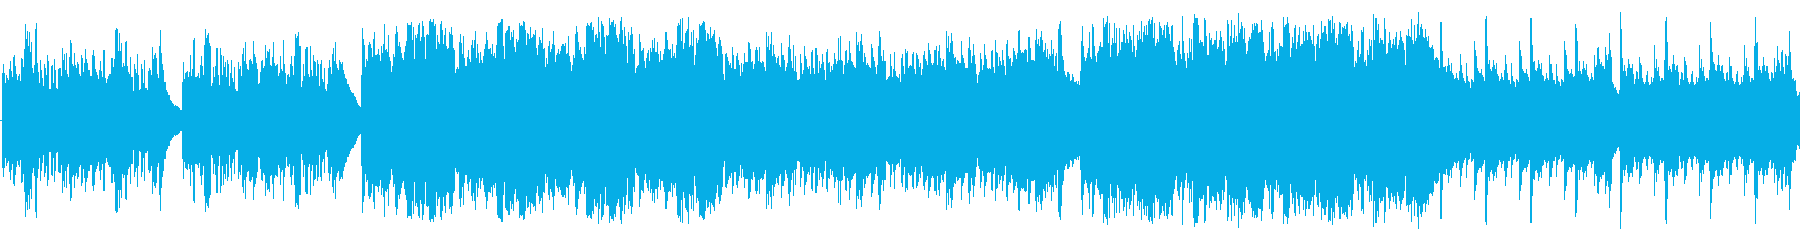 温かく牧歌的なアコギ主体の楽曲の再生済みの波形